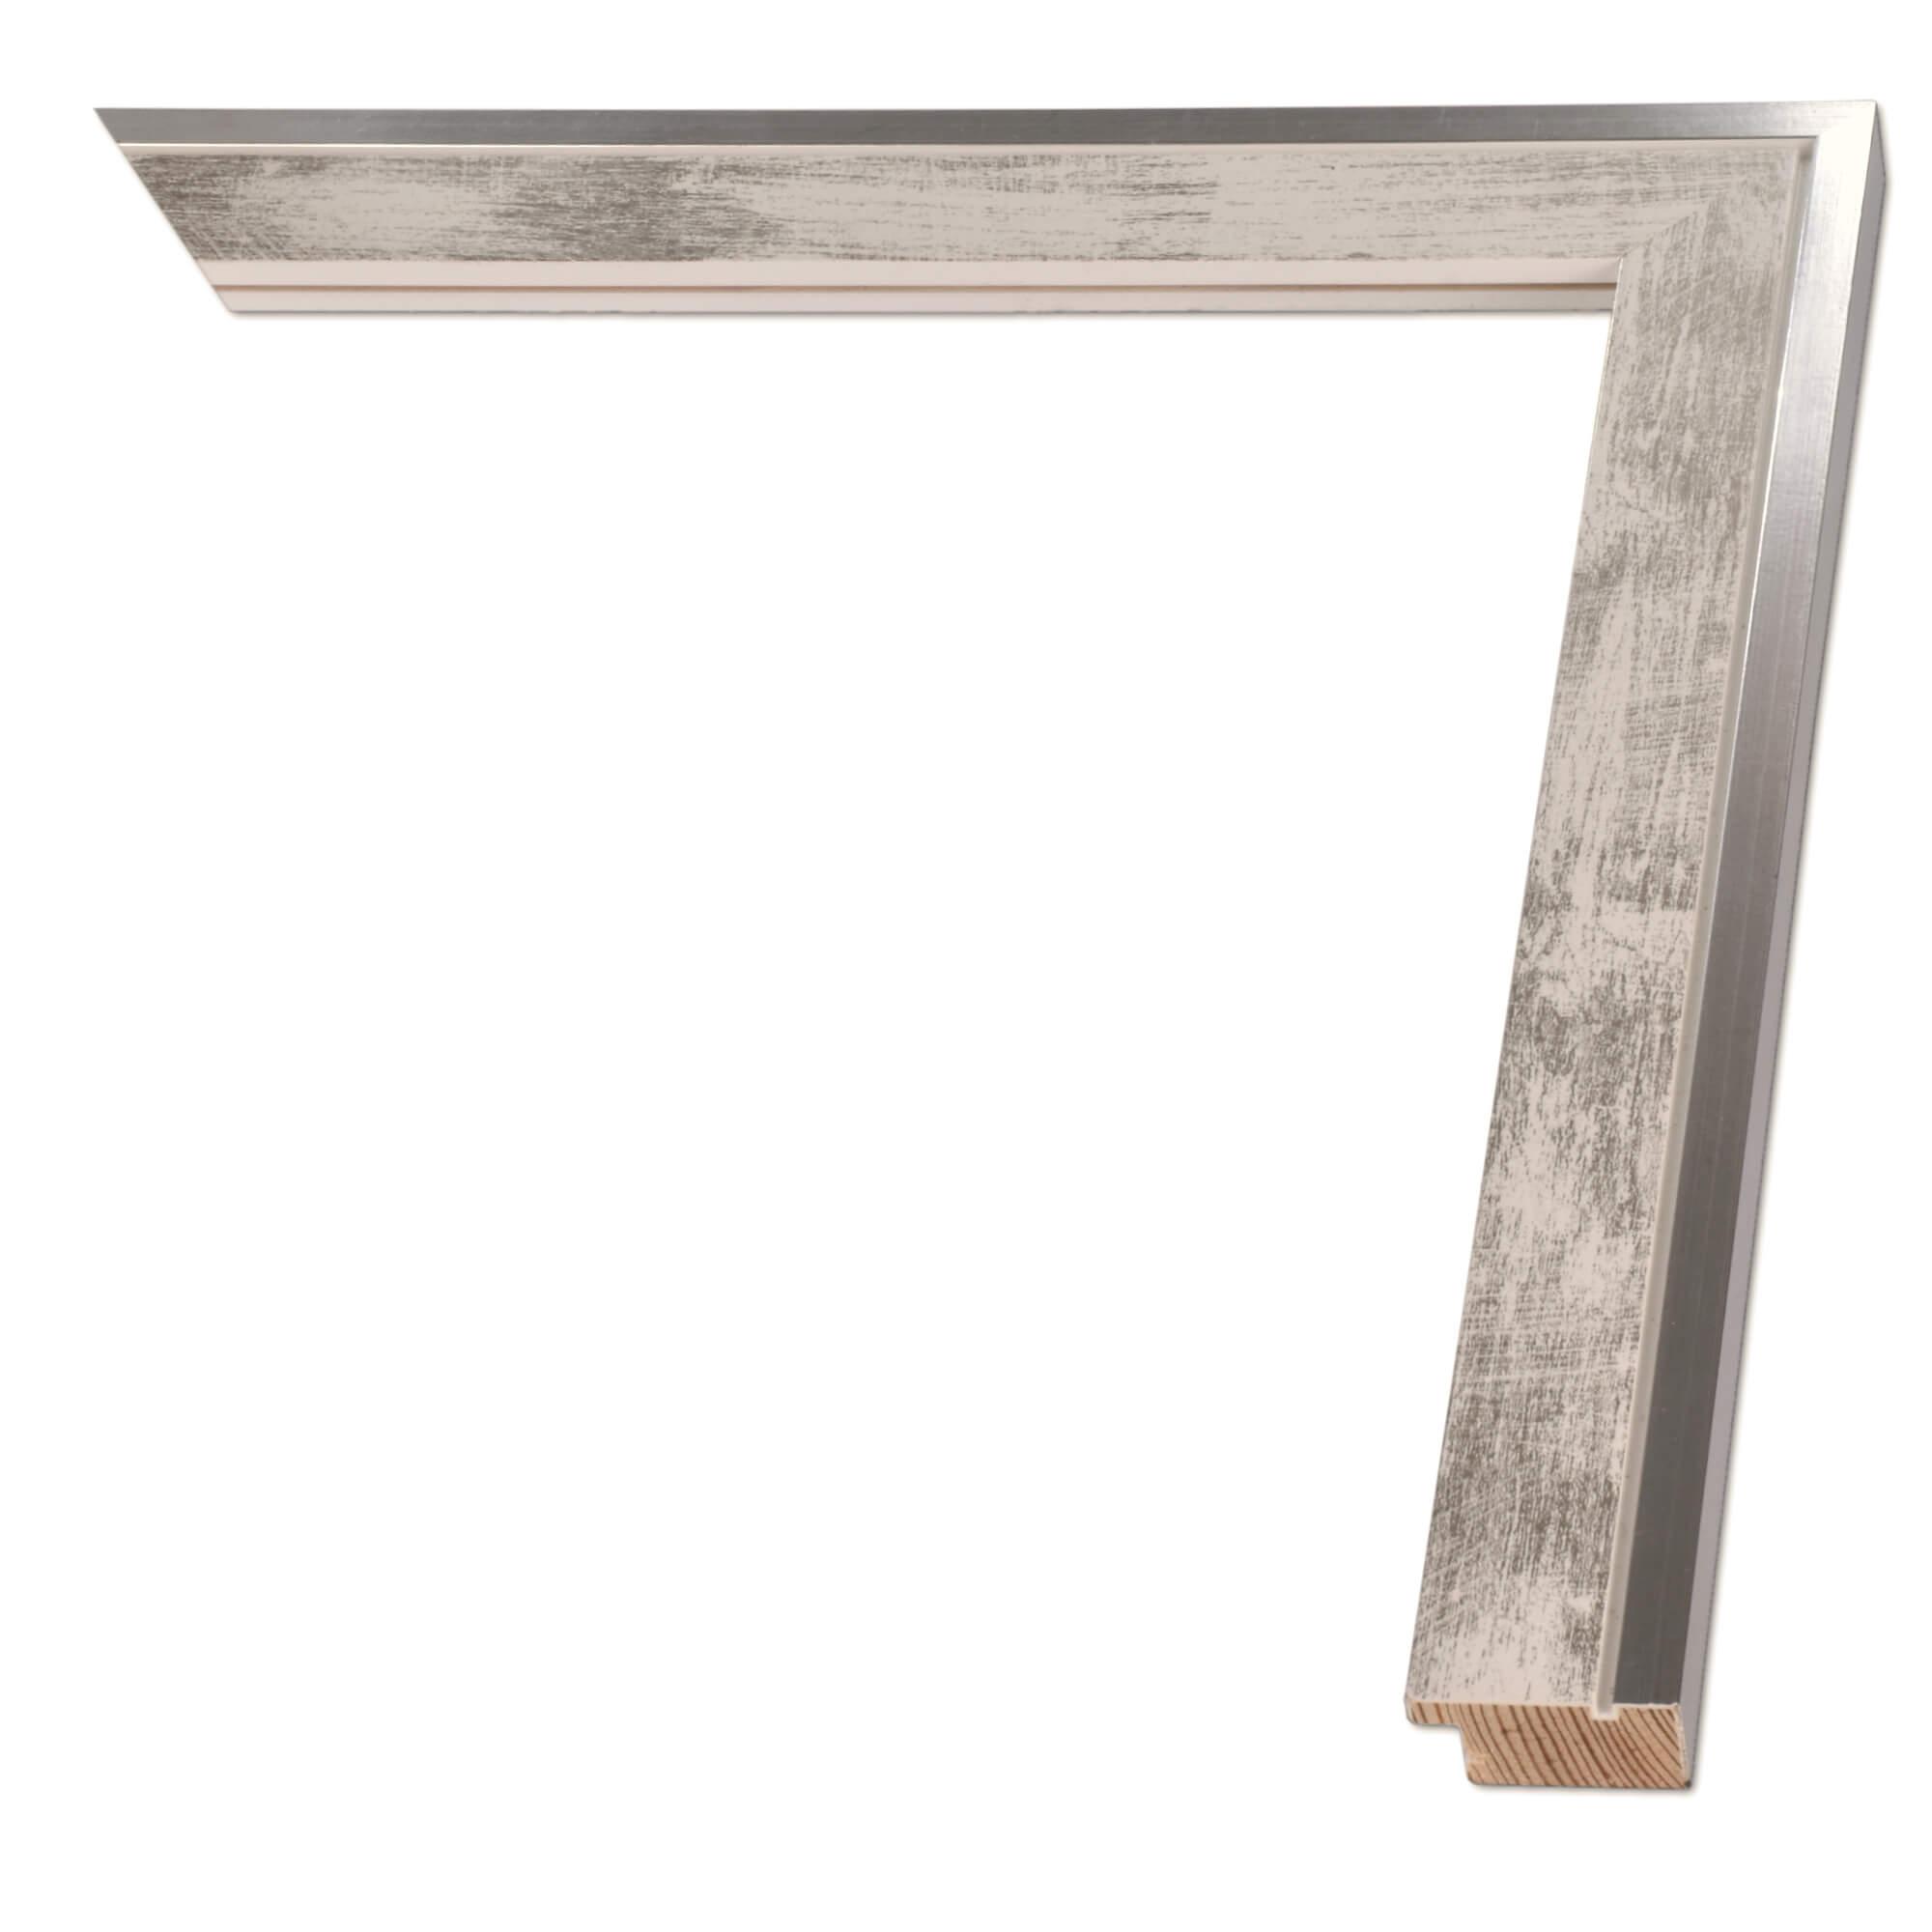 Ramka Na Zdjęcia Obrazy Plakaty Na Wymiar Luca 2487 Współczesna Drewniana Oprawa Panel Kolor Srebrno Biały